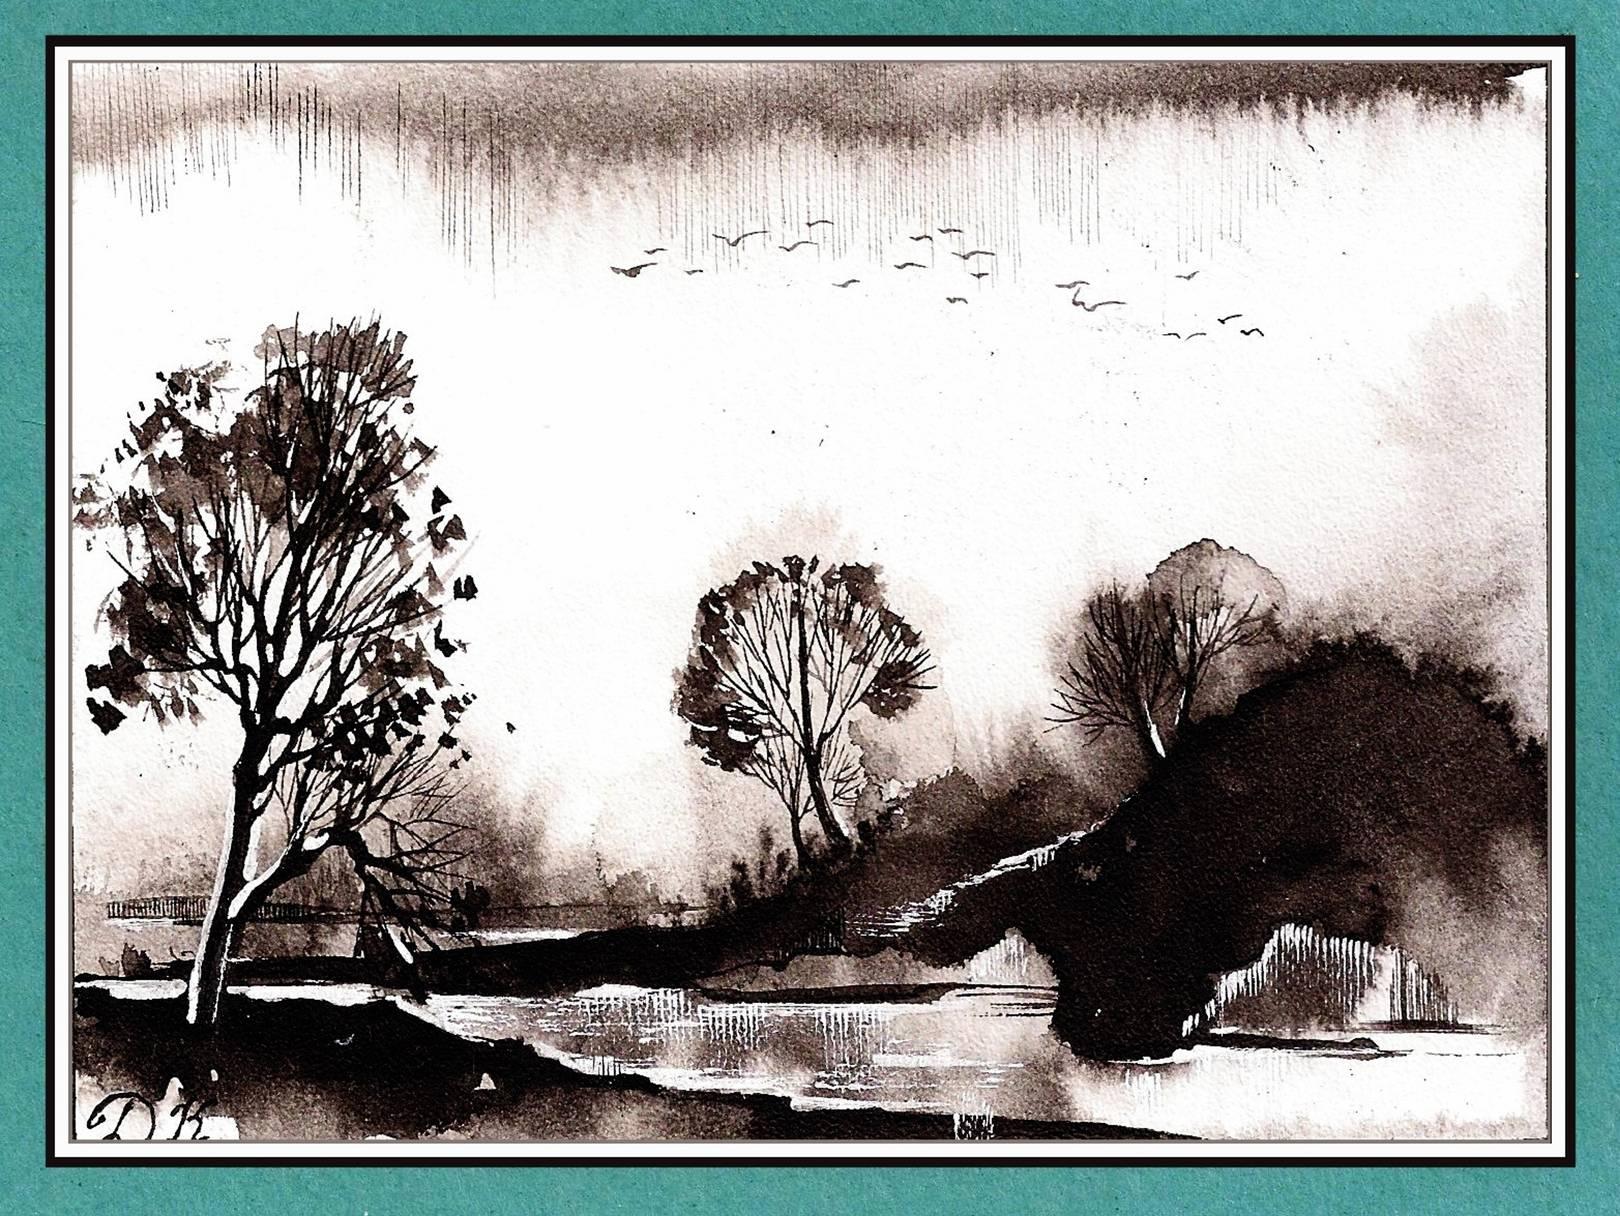 Осень. Тушь, перо. Иллюстрация